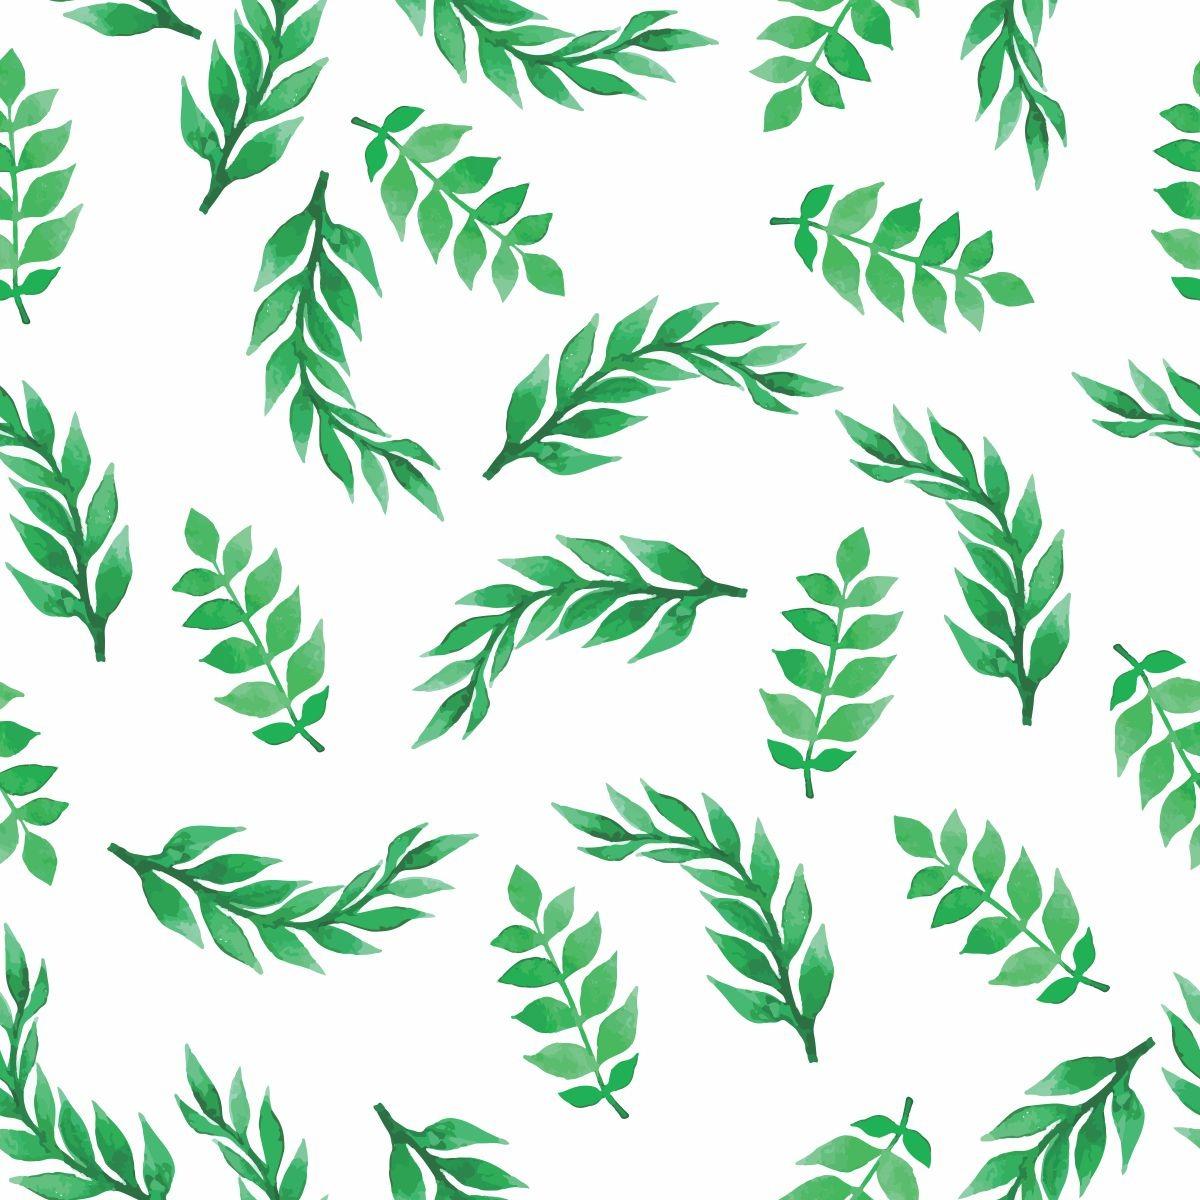 Papel De Parede Sala E Quarto Folhas Verdes Fundo Branco Ade R 69  -> Papel De Parede Para Sala Folhas